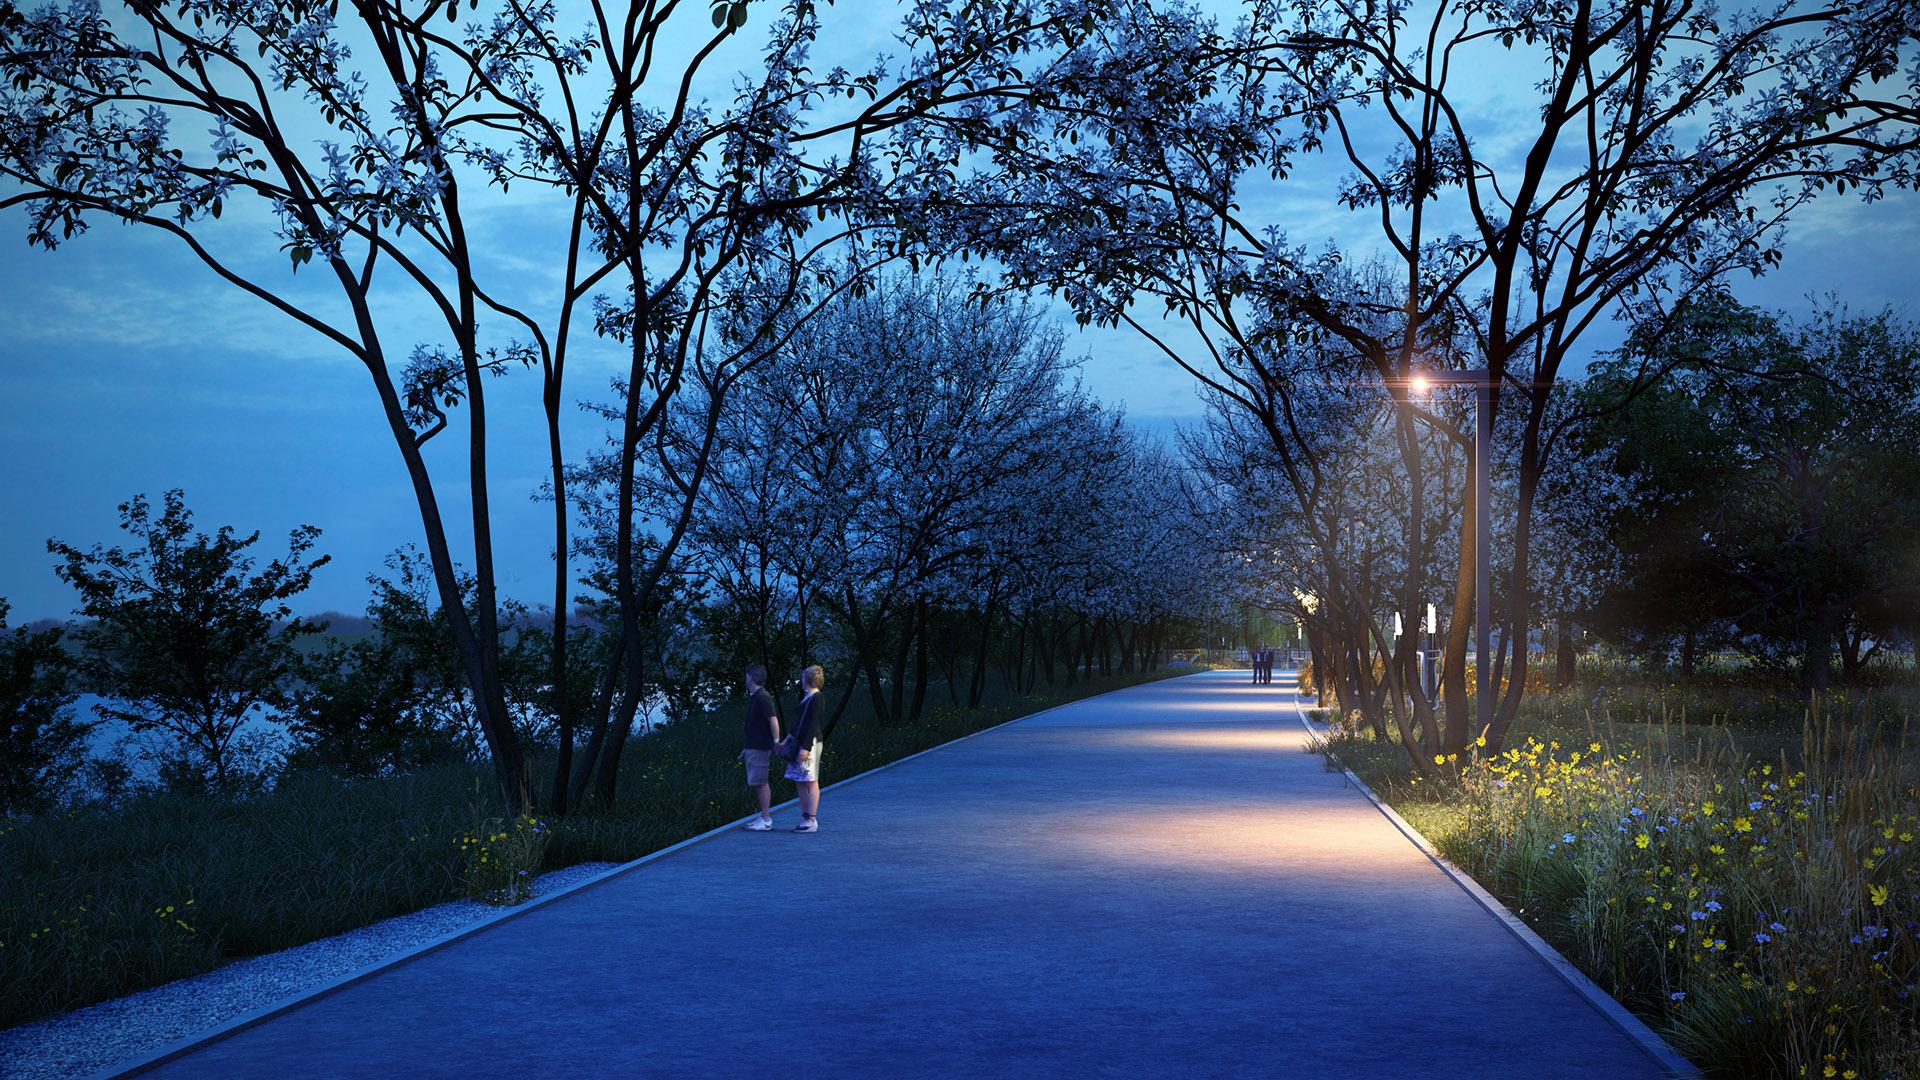 Liziera de Lac complexul rezidențial perfect pentru tinerii căsătoriți